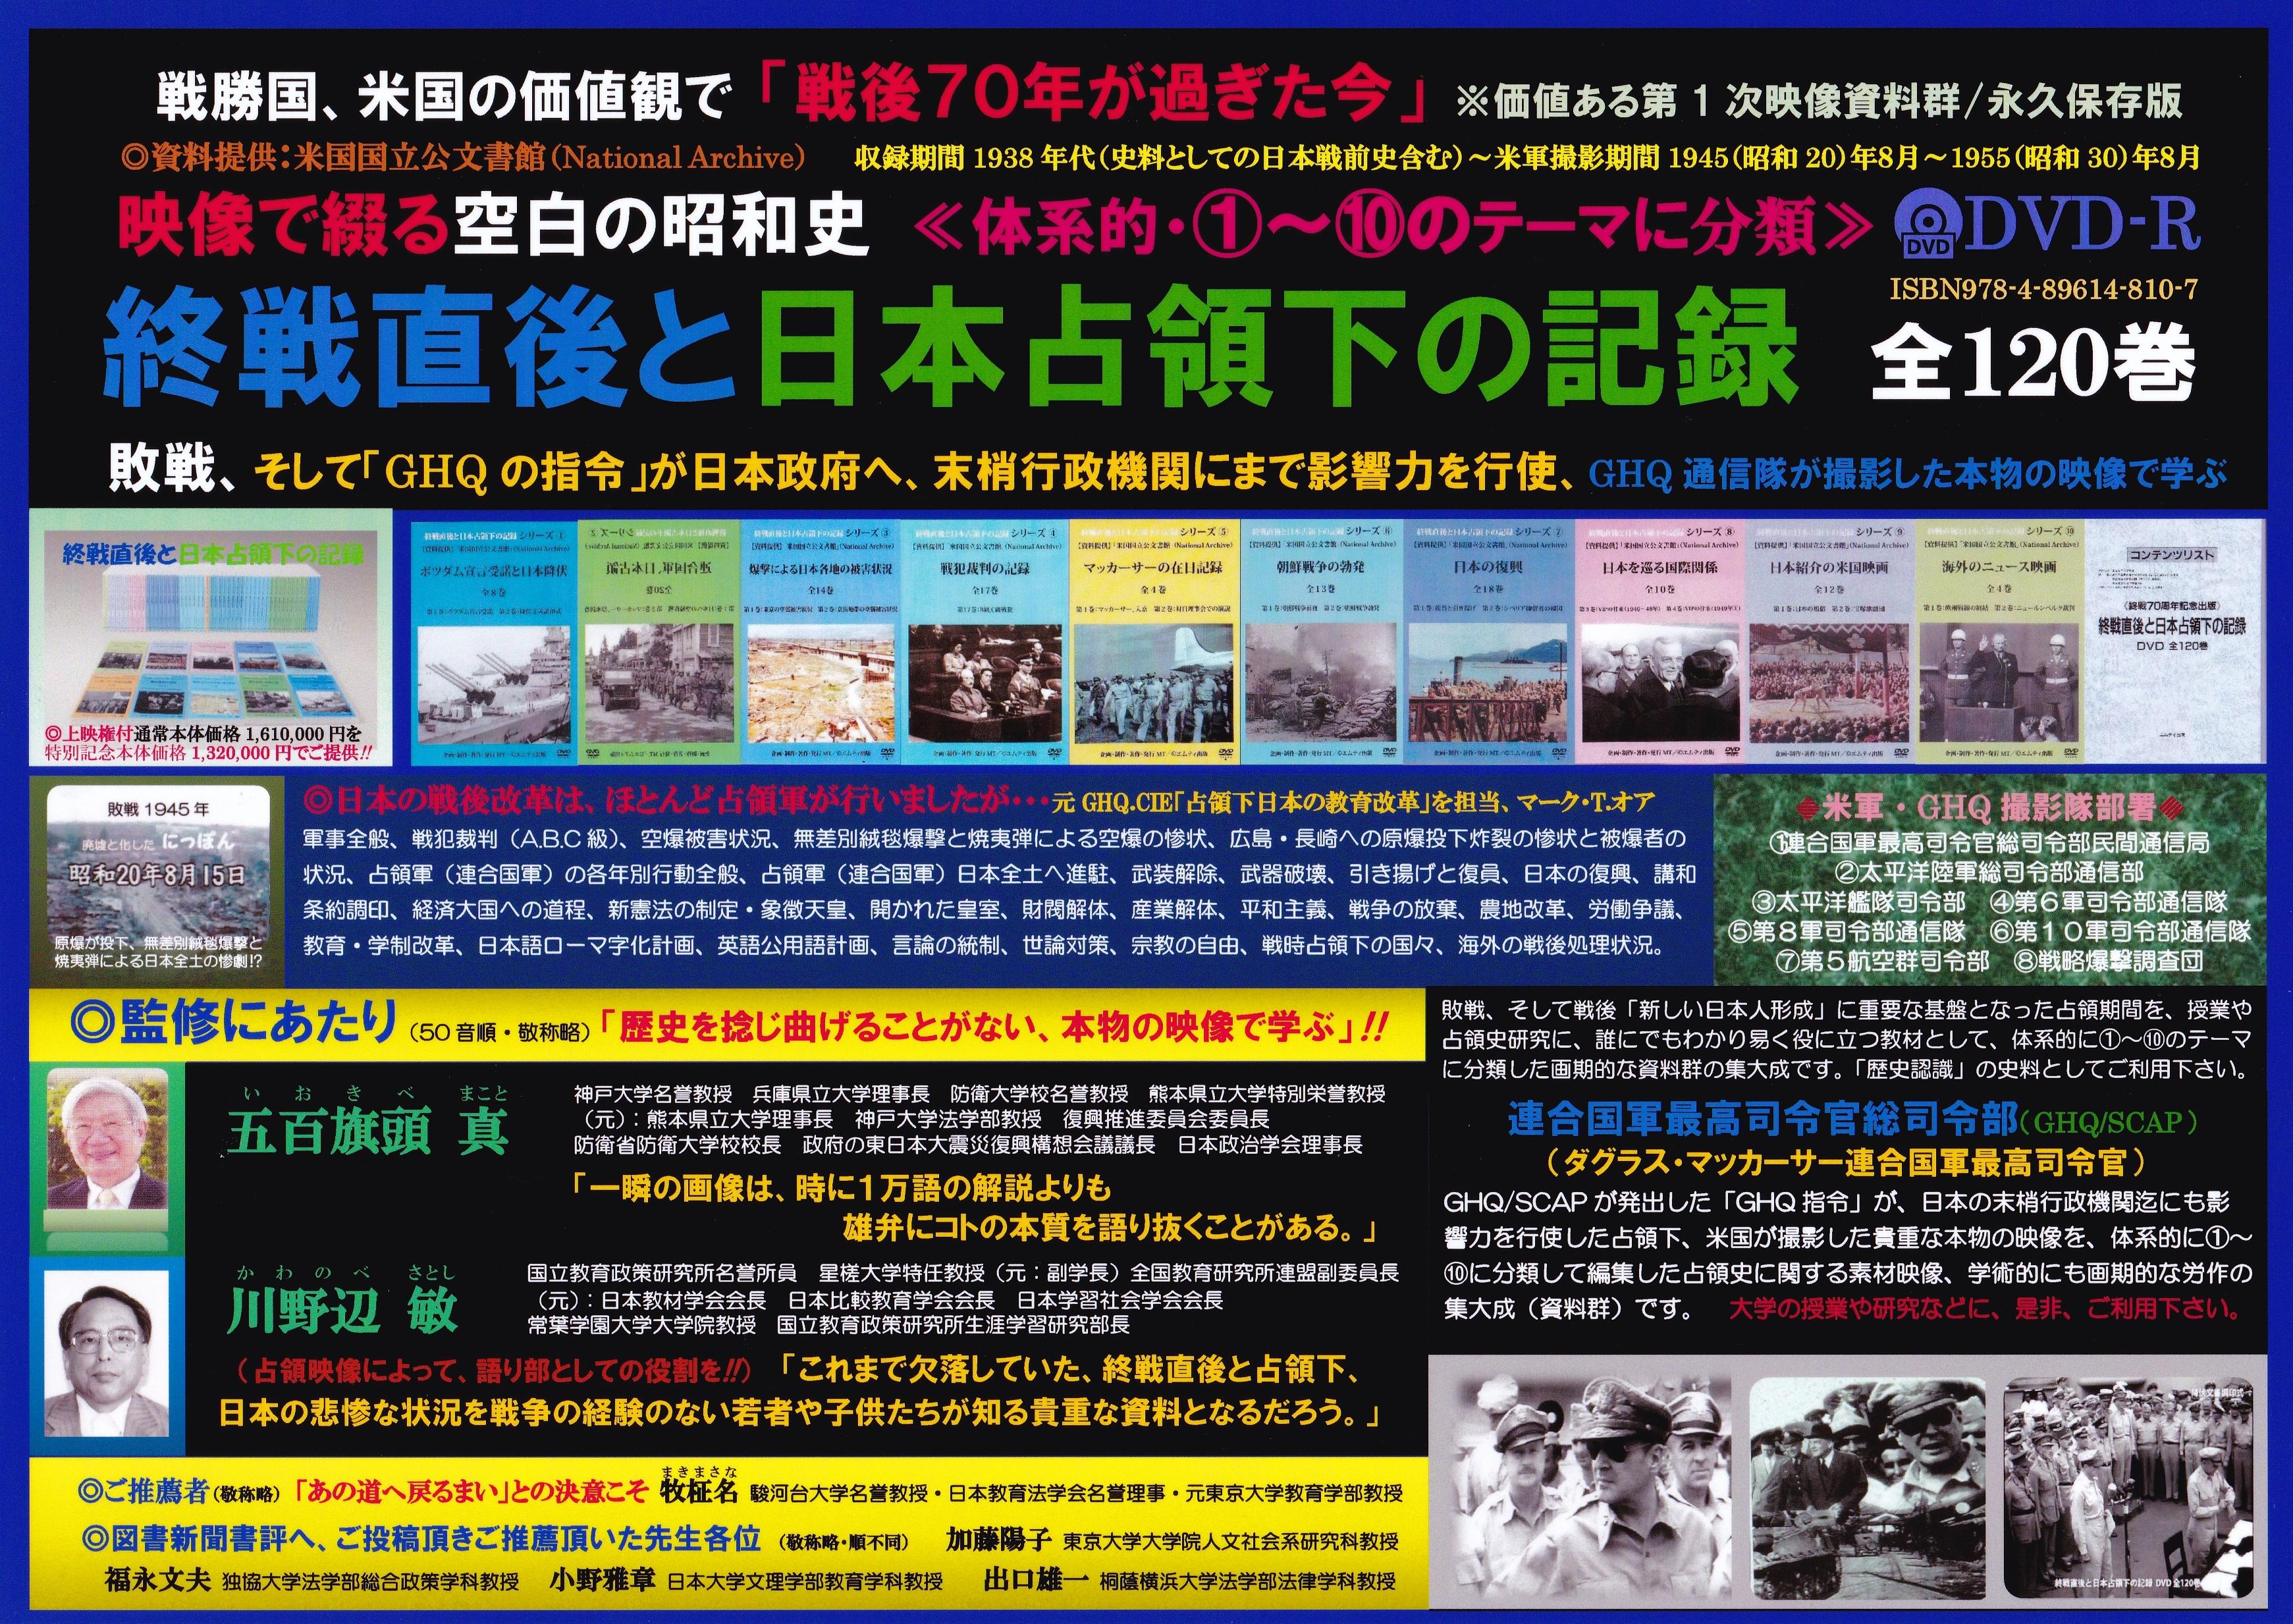 終戦直後と日本占領下・A4写真